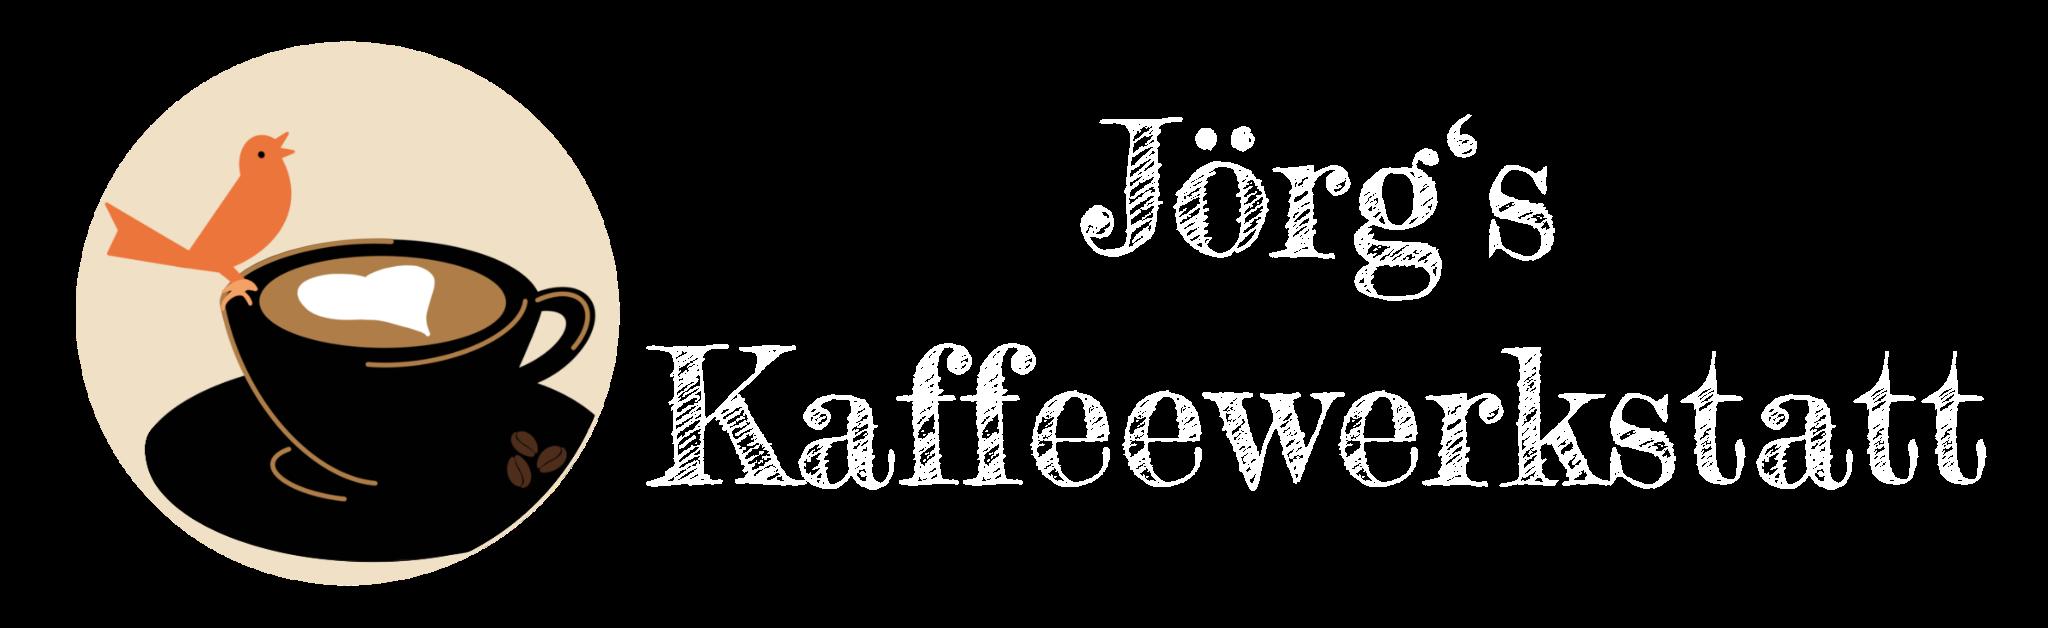 Jörgs Kaffeewerkstatt - Café und Rösterei in Vilshofen an der Donau